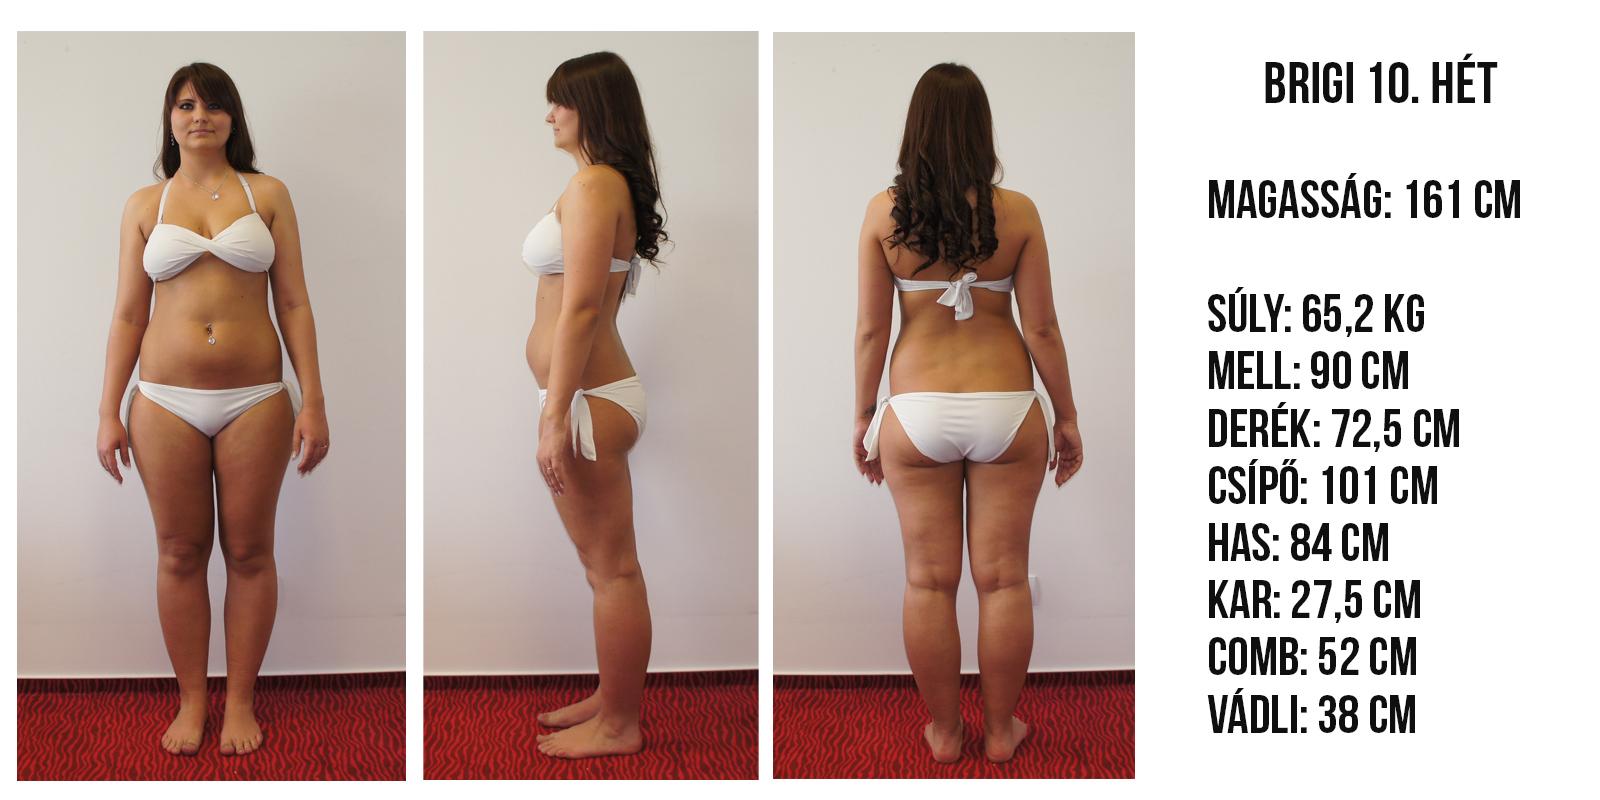 20 kg súlycsökkenés 1 hét alatt)